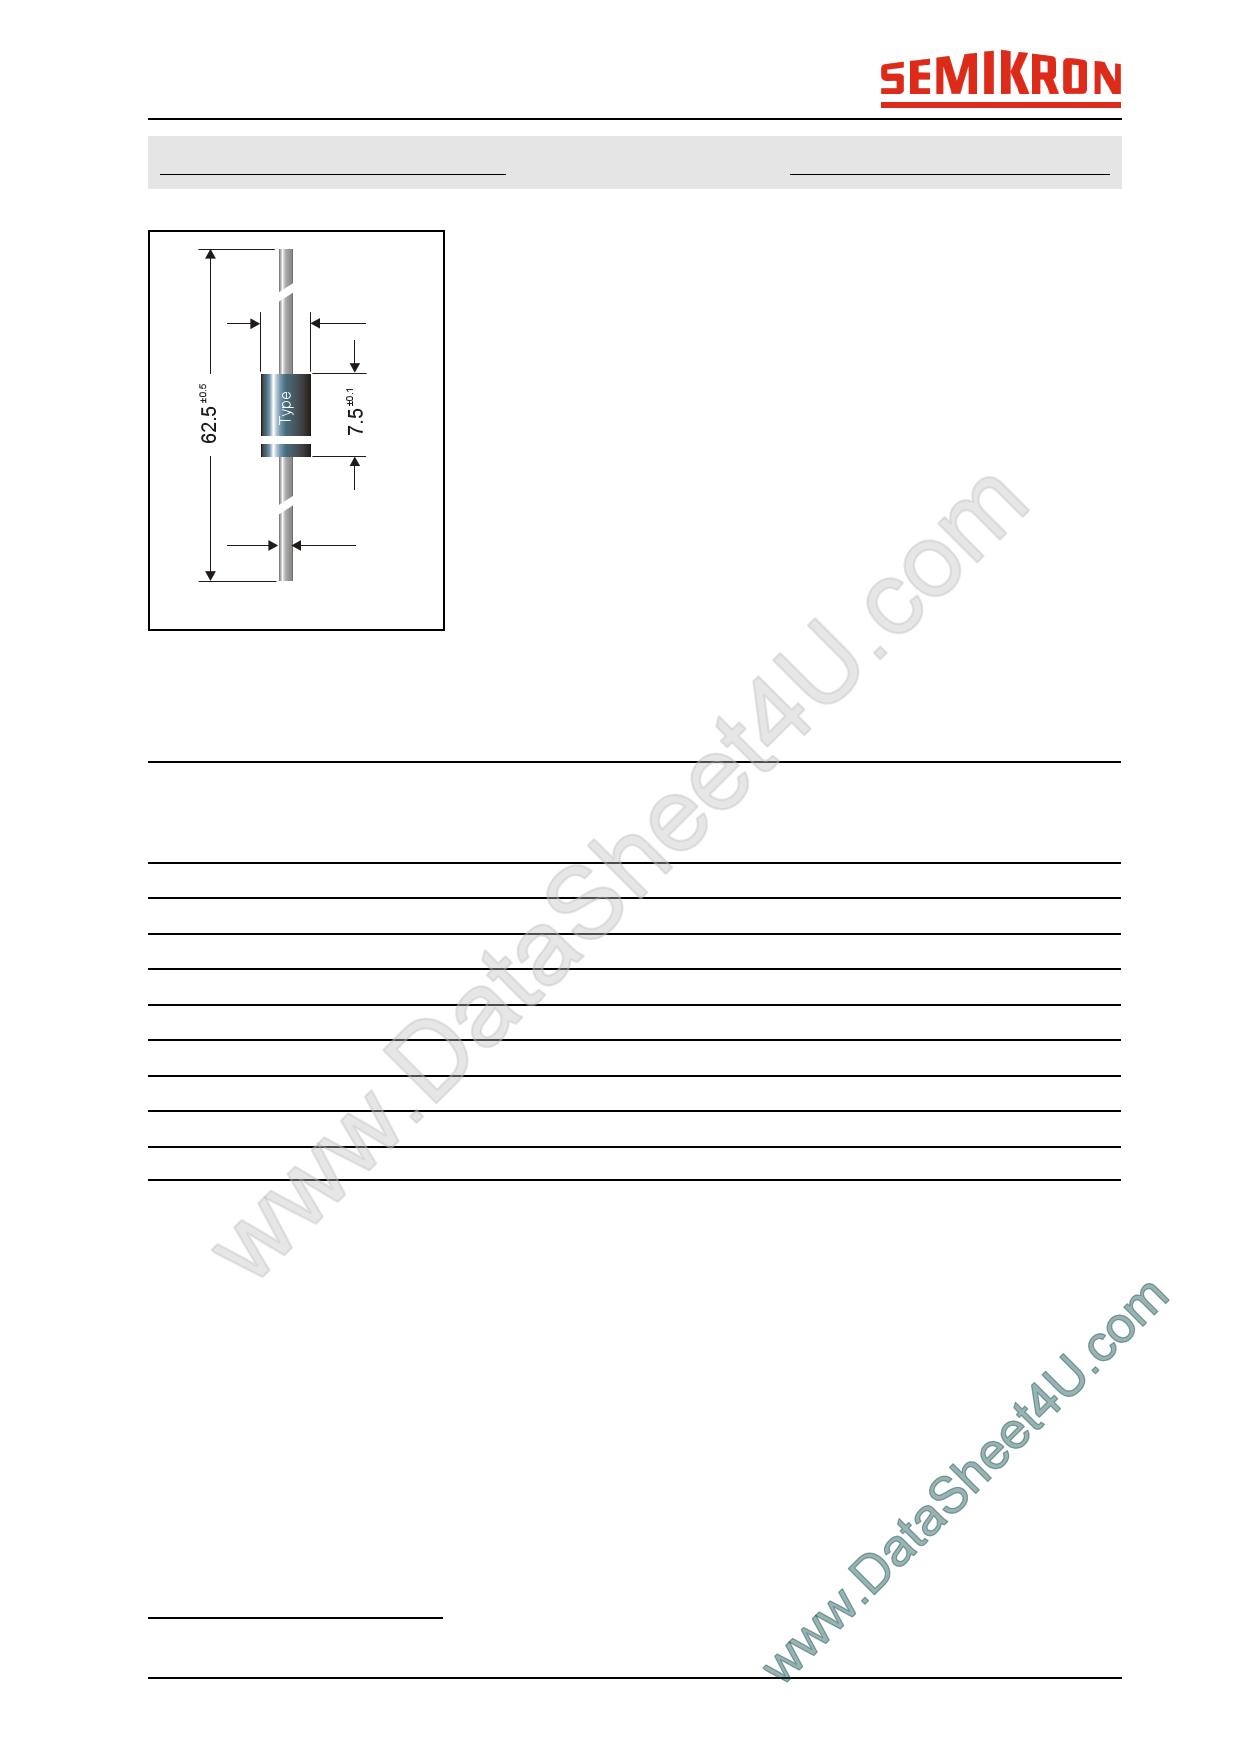 UF5401 datasheet